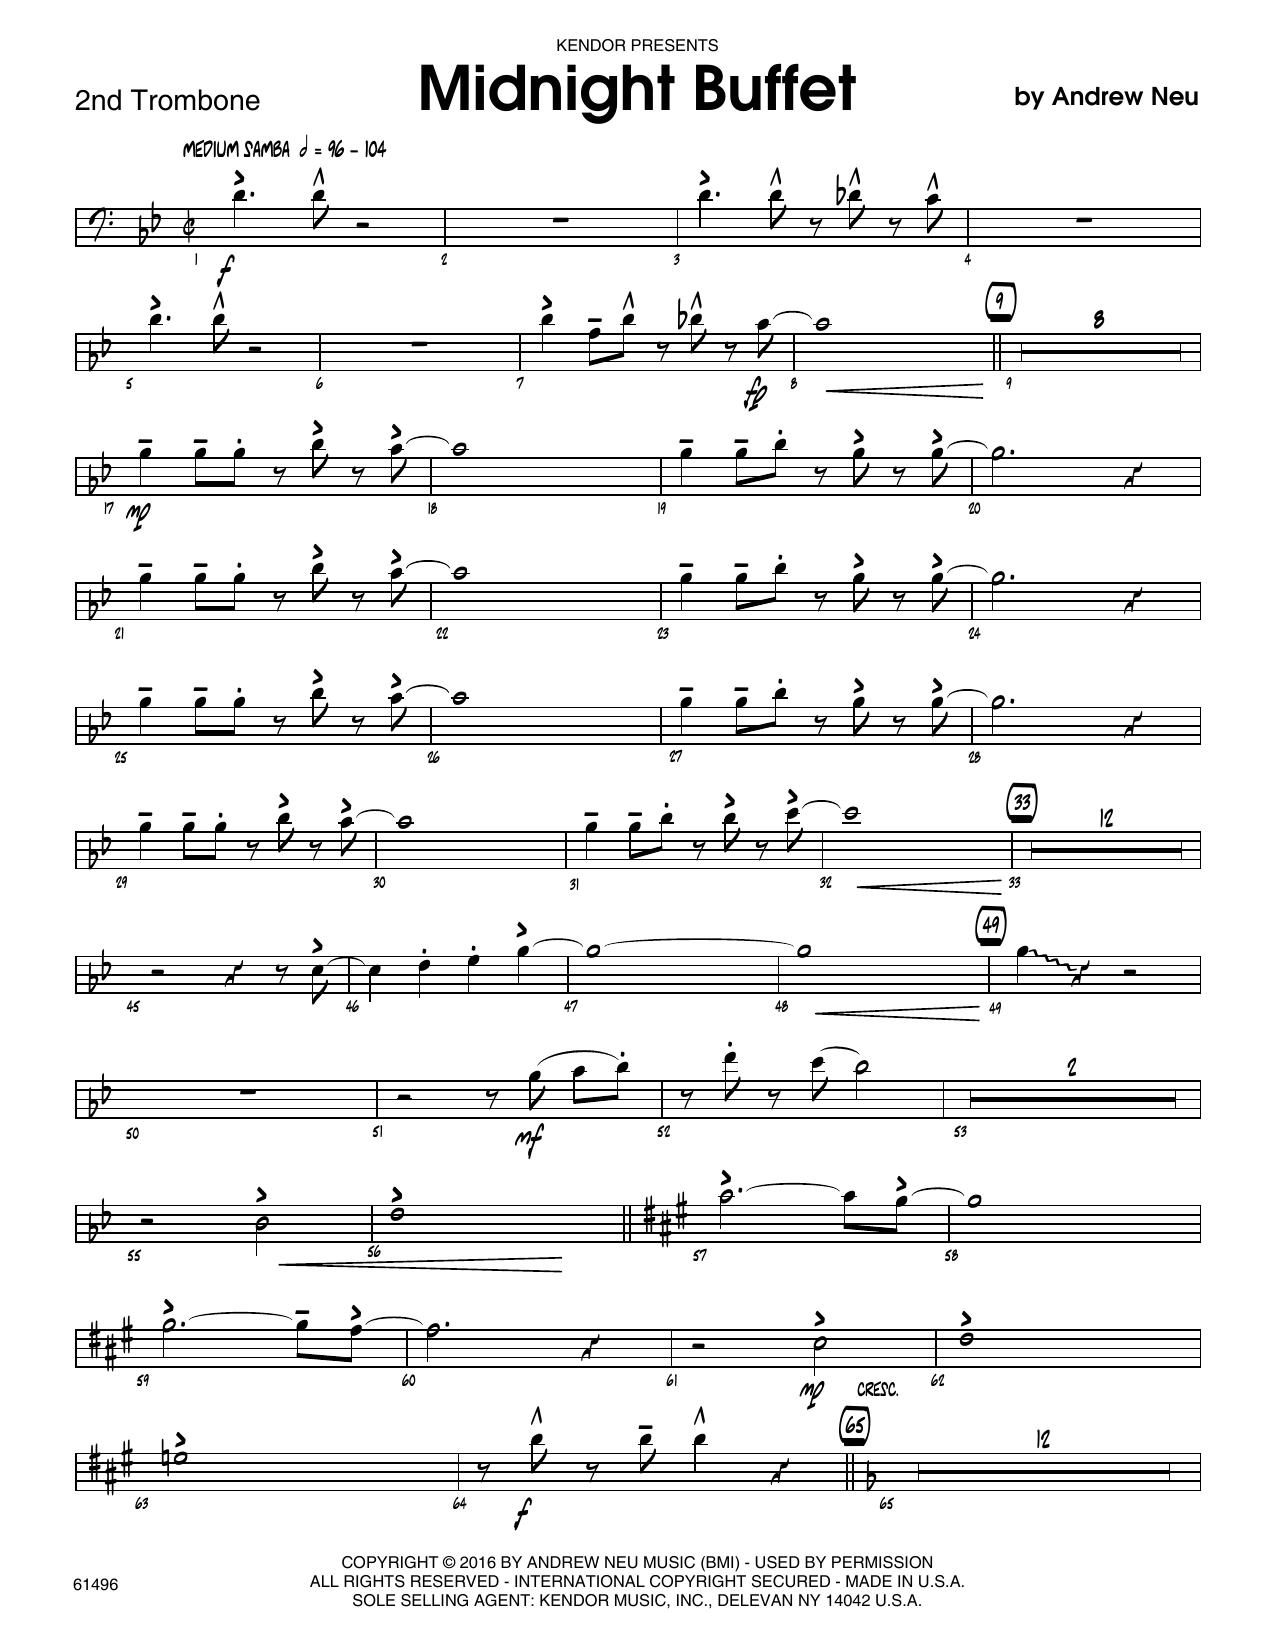 Midnight Buffet - 2nd Trombone Sheet Music